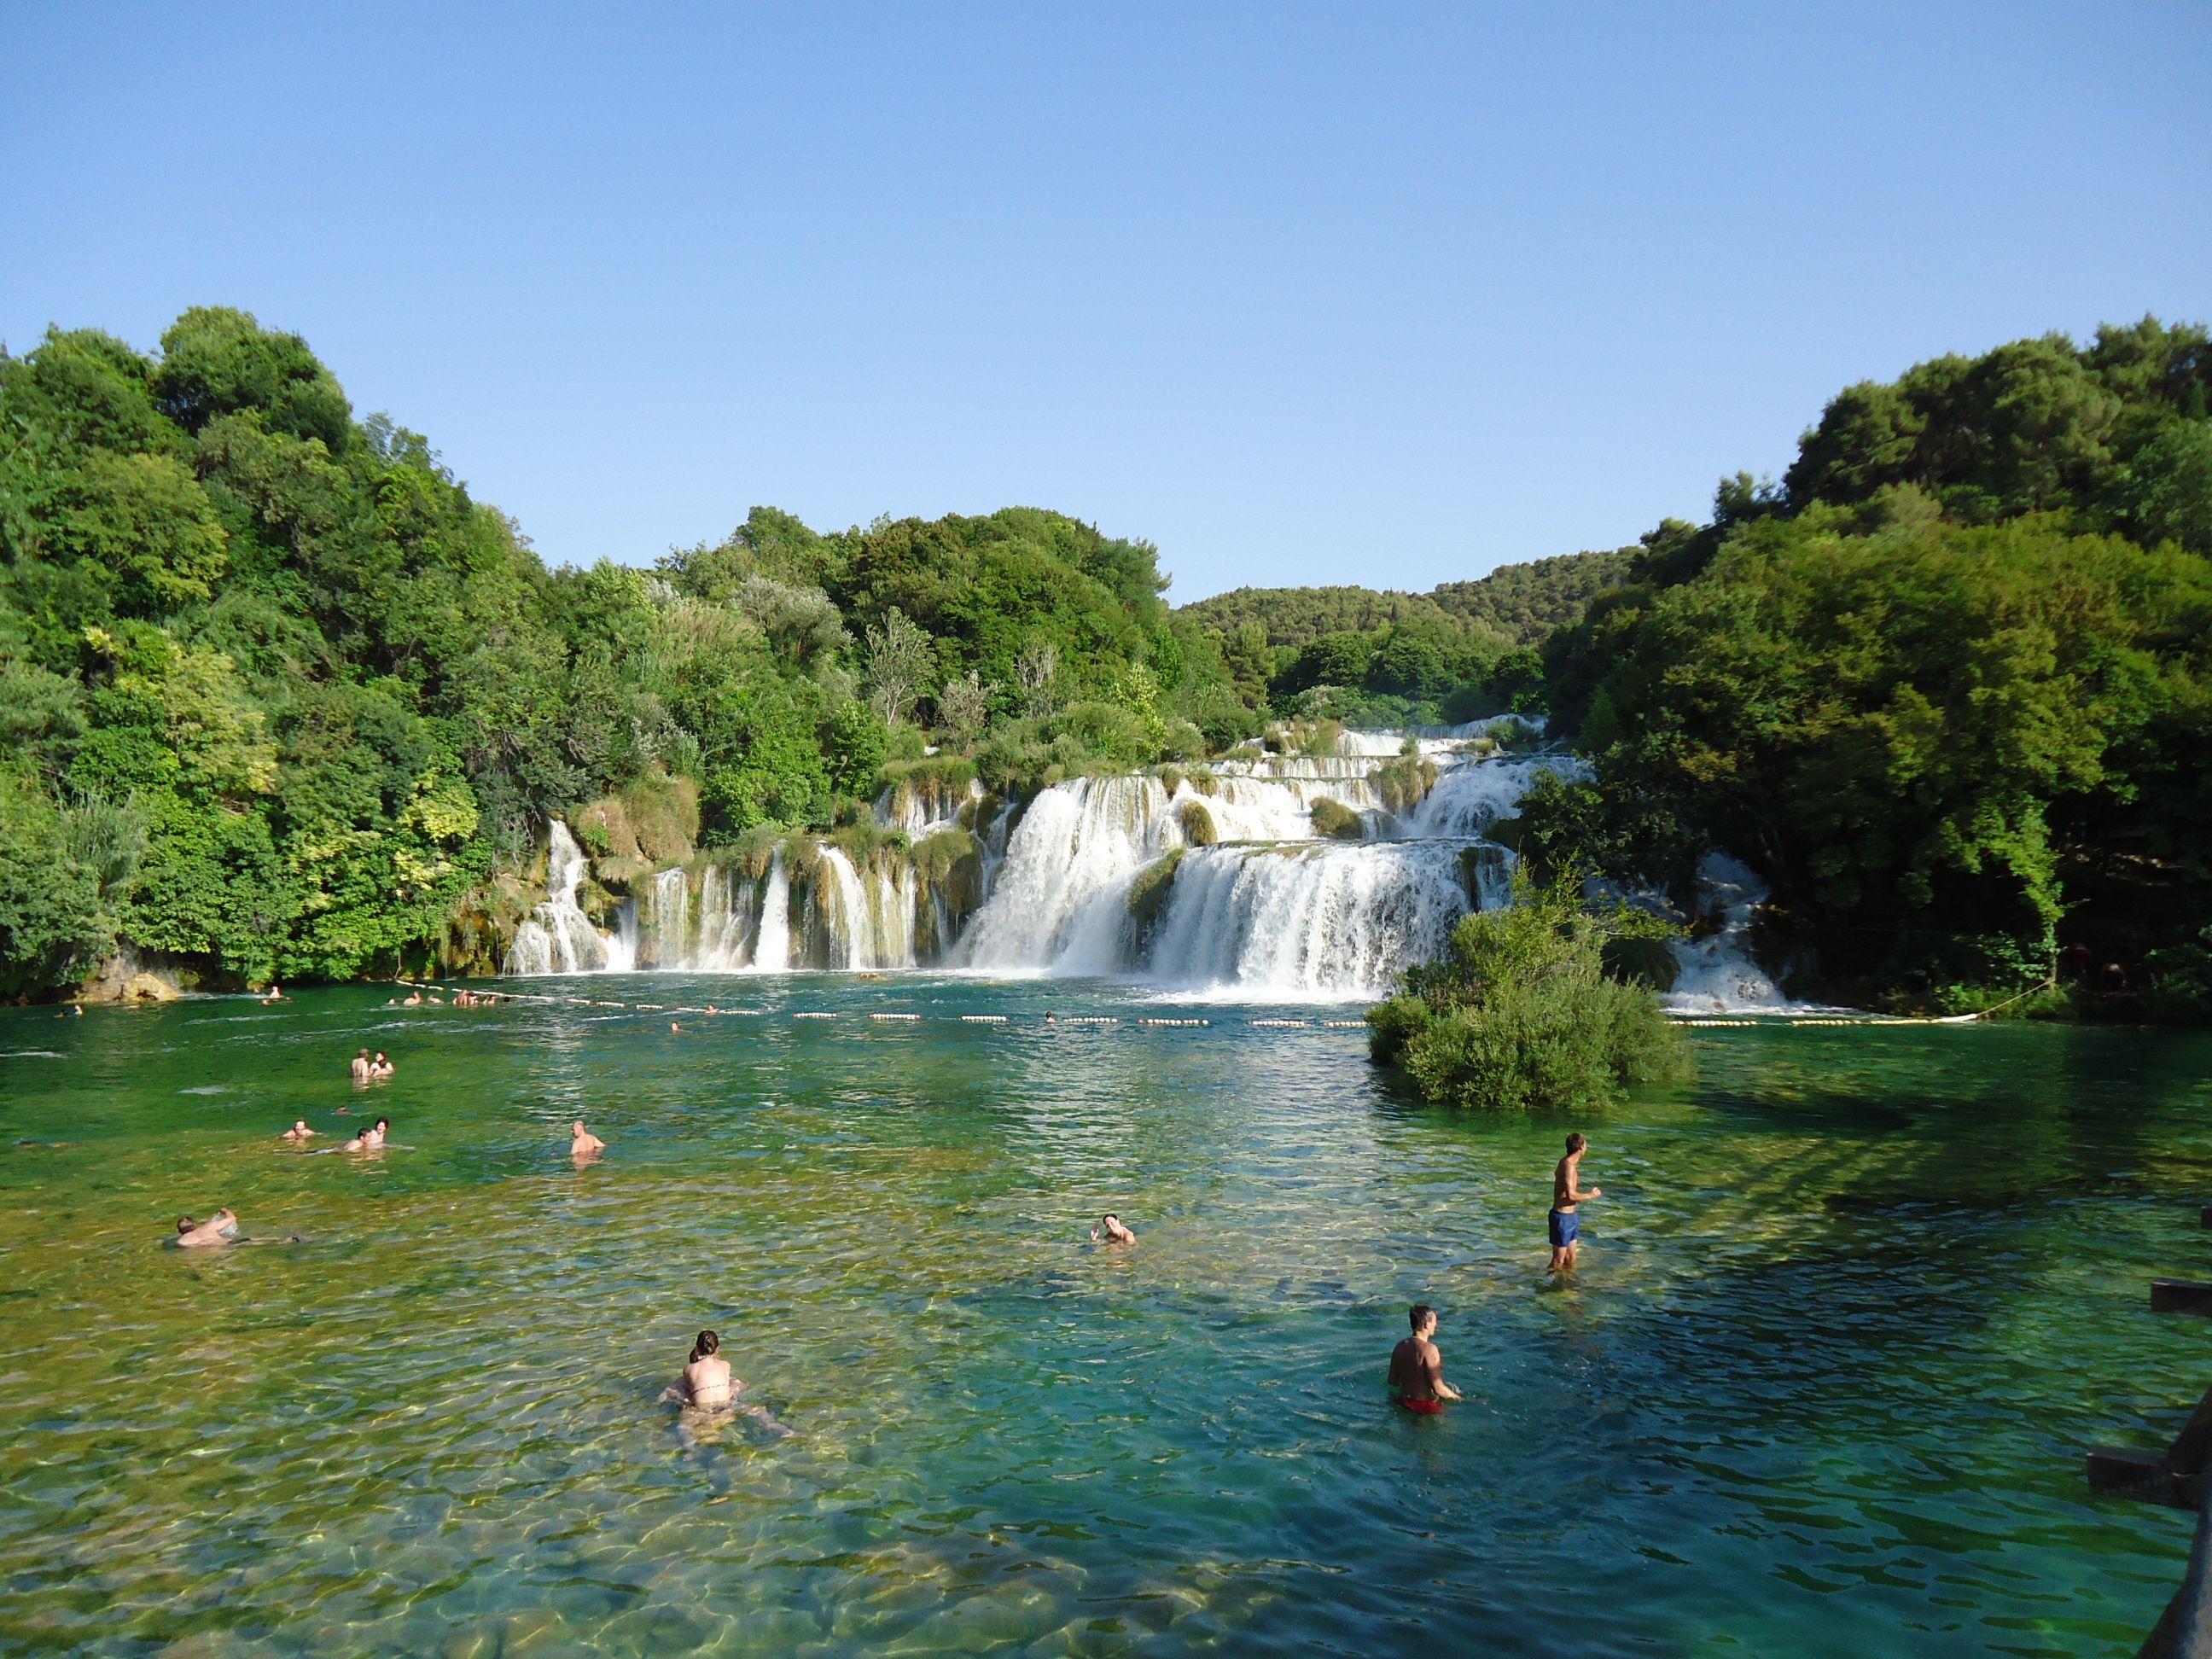 KrK'a Wasserfälle